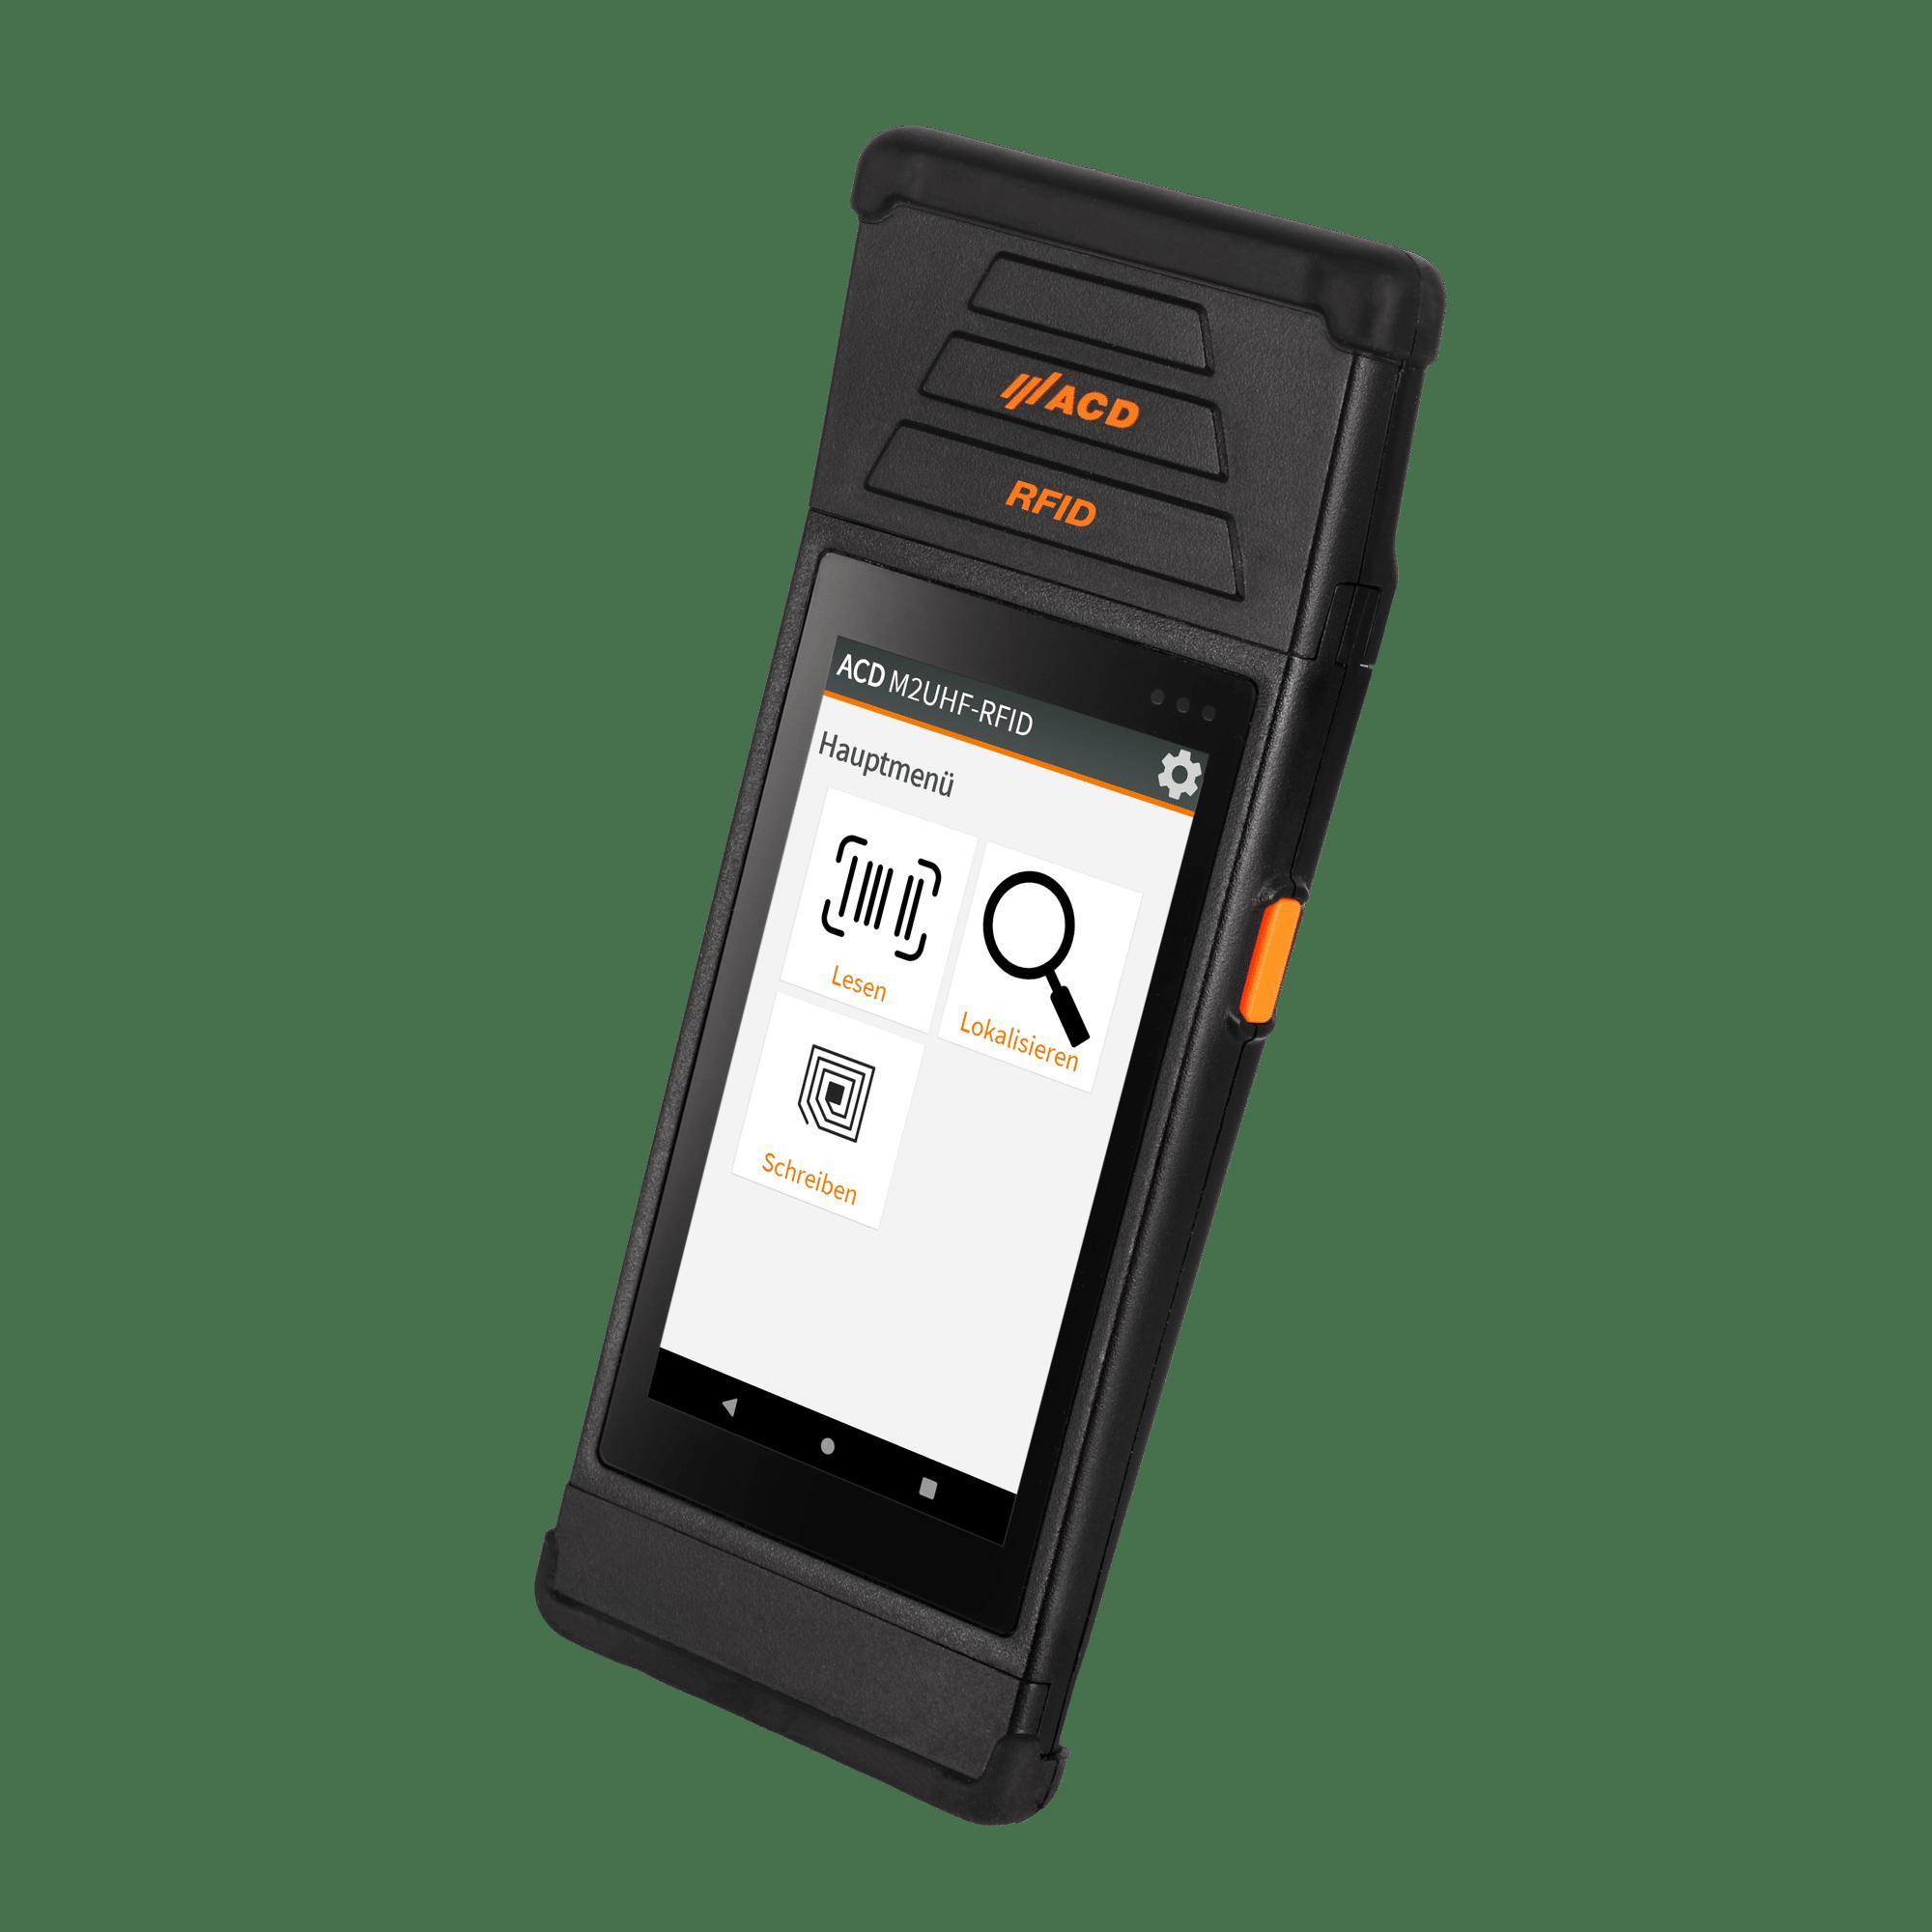 Mobiler Handheld Computer M2SmartSE mit UHF-RFID freigestellt